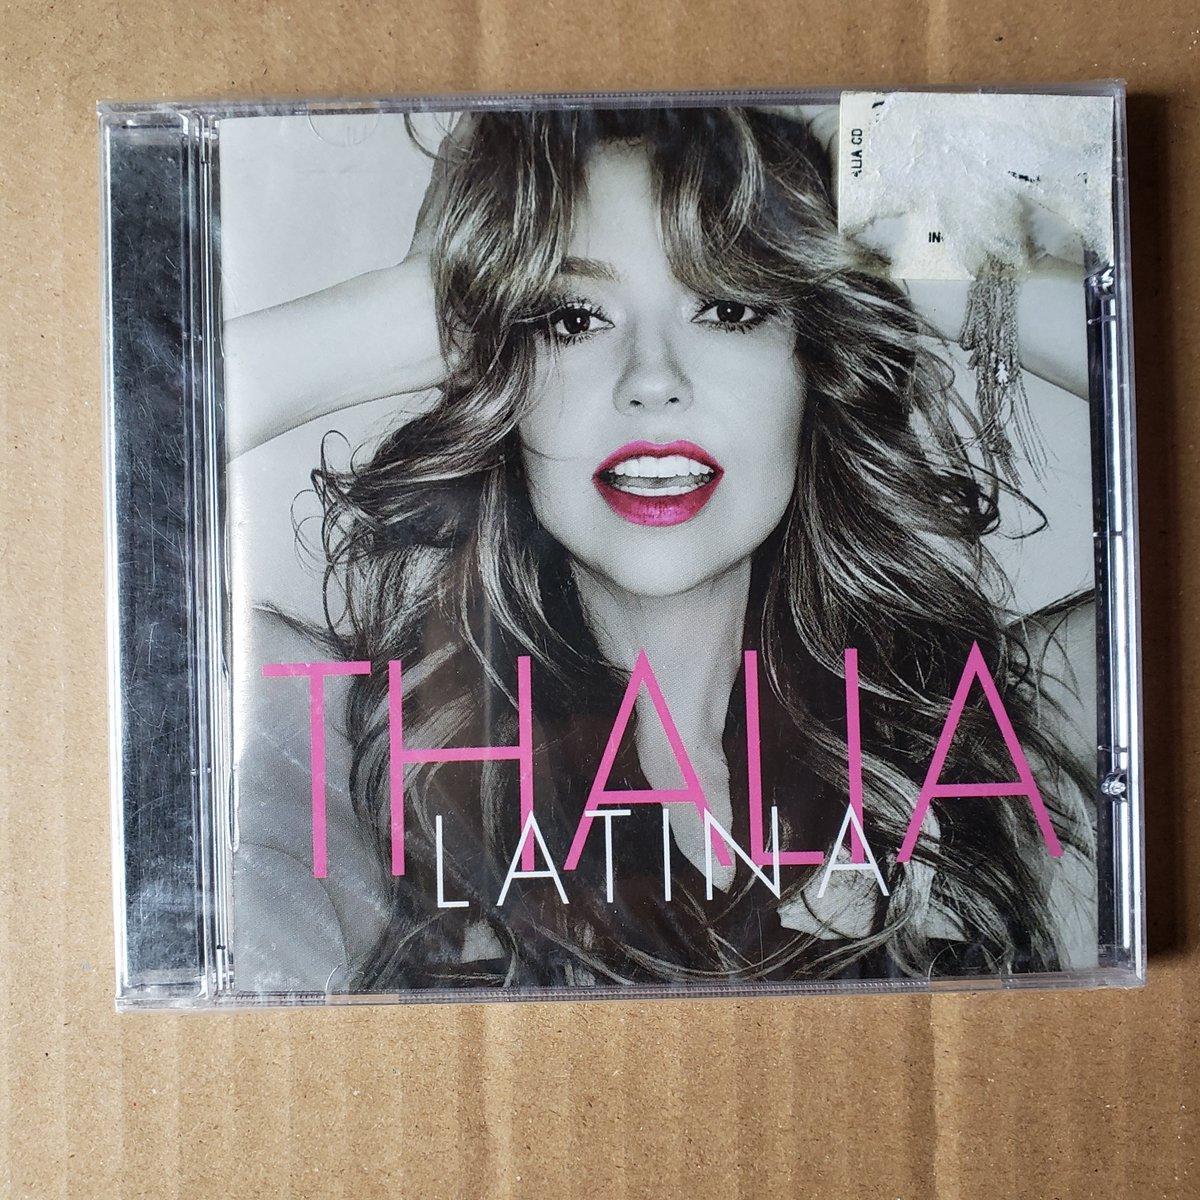 @thalia CD #Latina Nuevo   CÓMPRALO AQUÍ 👉  O AQUÍ 👉   #Thalia #DesdeEsaNoche #Maluma #todaviatequiero #delaghetto #vuélvemeaquerer #chikybombom #PenaNegra #TikiTikiTa #TeEncontraré #PoquitaFe #Enemigos #VivirJuntoATi #Thalifans